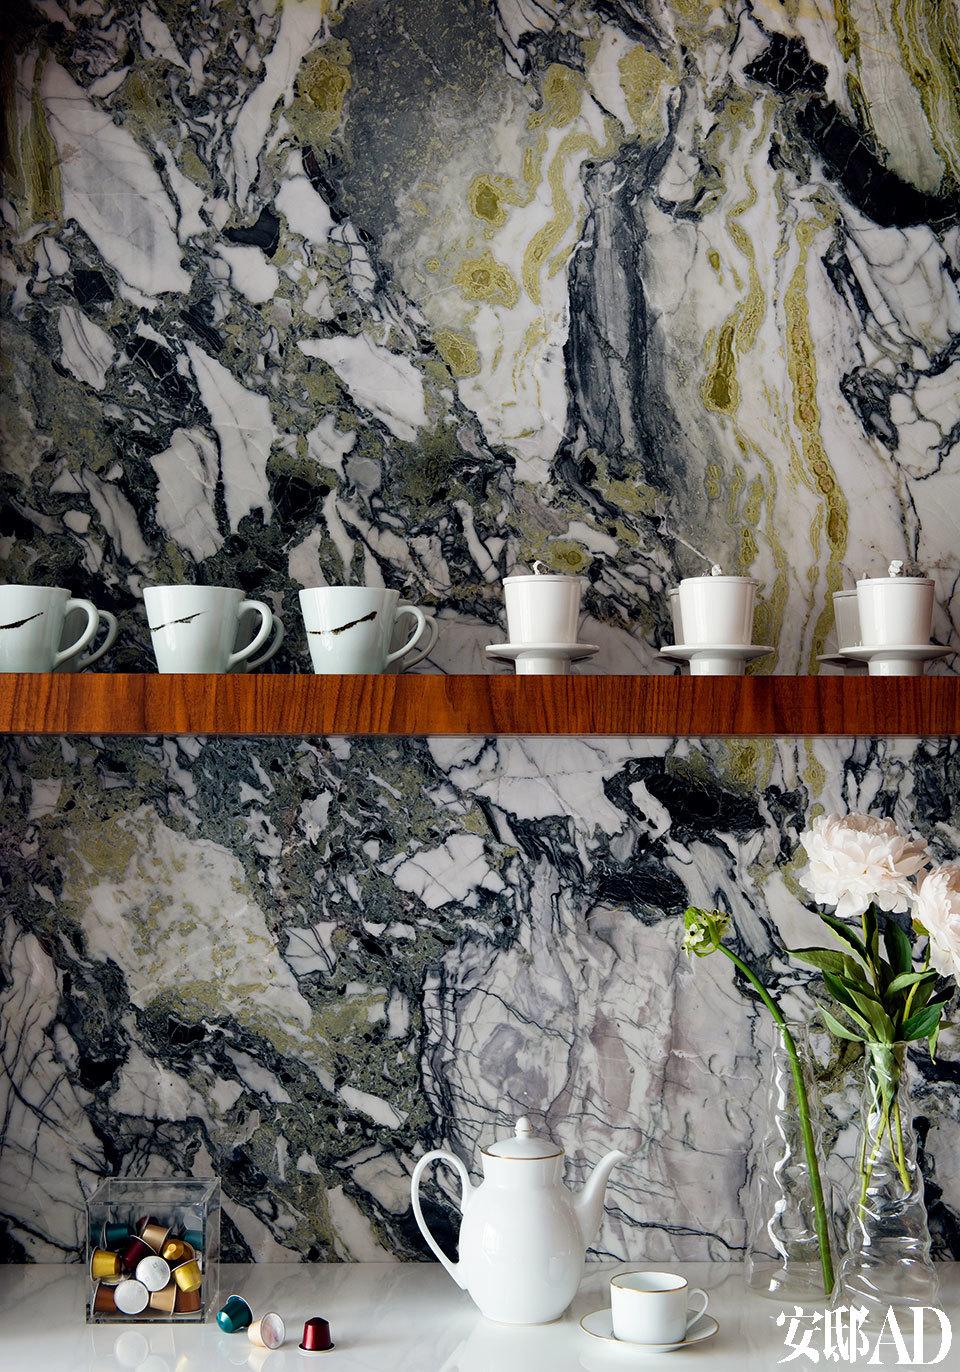 一块纹理、色泽都非常精美的云龙白玉大理石,成了家中三种主色调的灵感之源。早餐厅中装饰着一面云龙白玉大理石墙壁,架上的瓷器和台面上的茶壶均由Gary Wang设计,来自Spin。